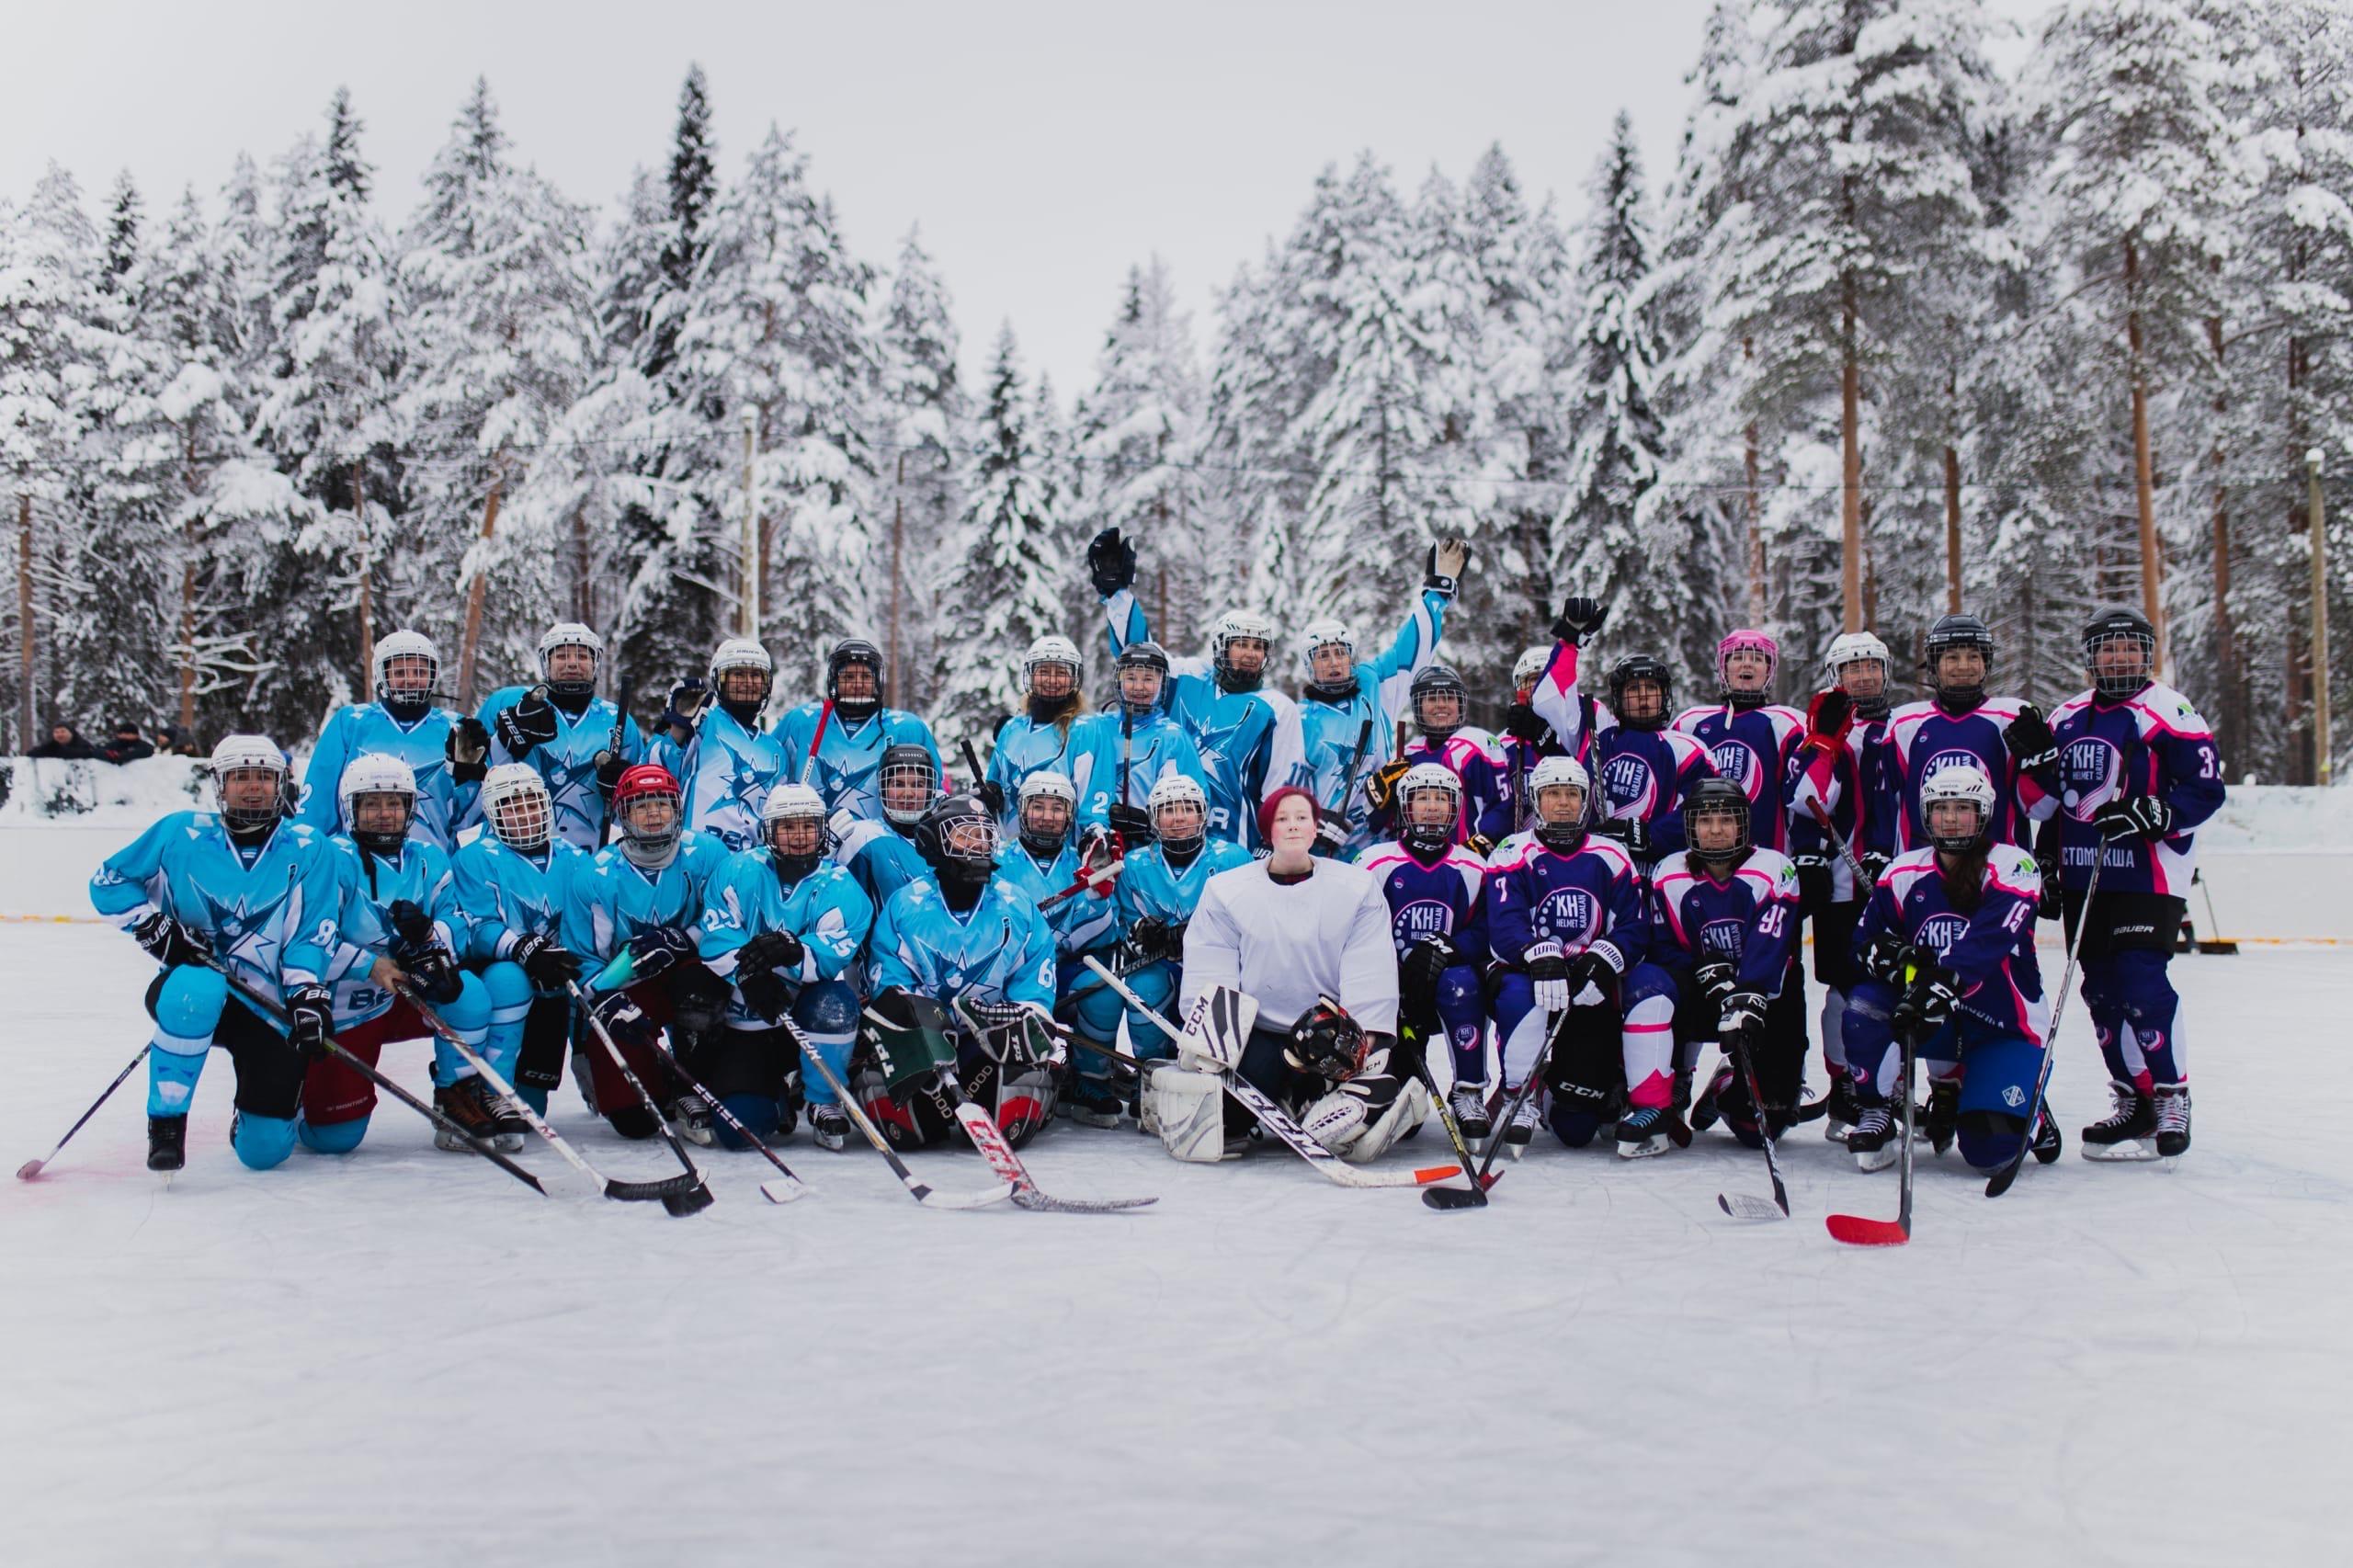 Костомукша Карельские жемчужины женский хоккей